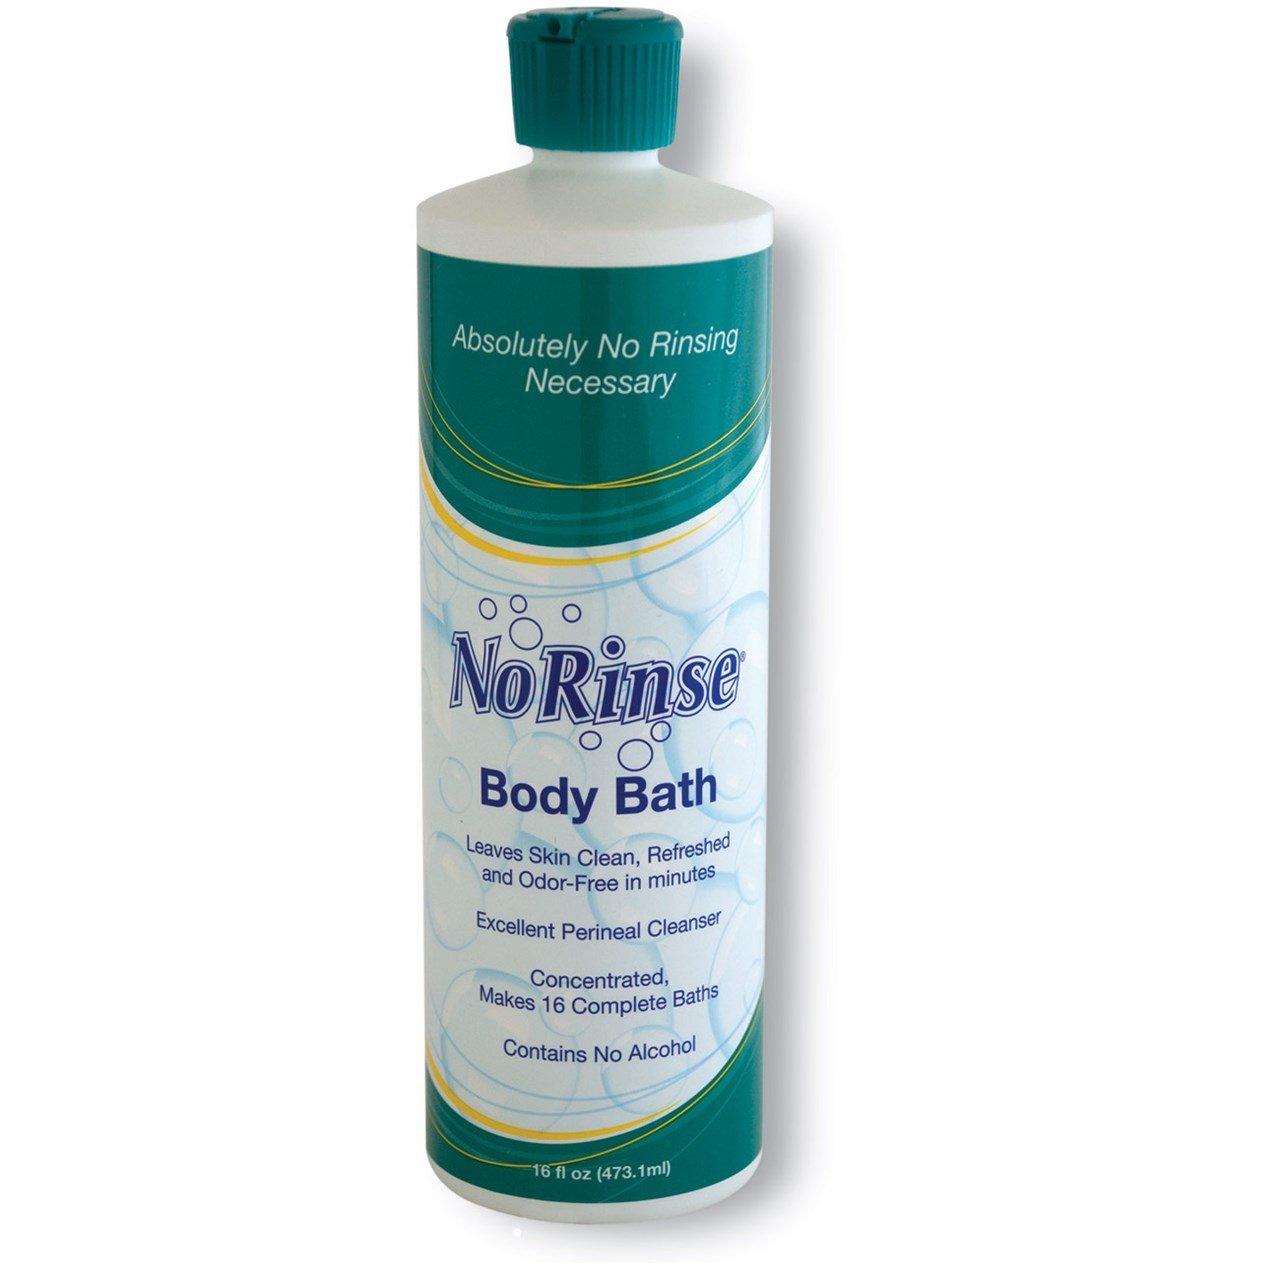 No Rinse Body Bath - 16 fl oz